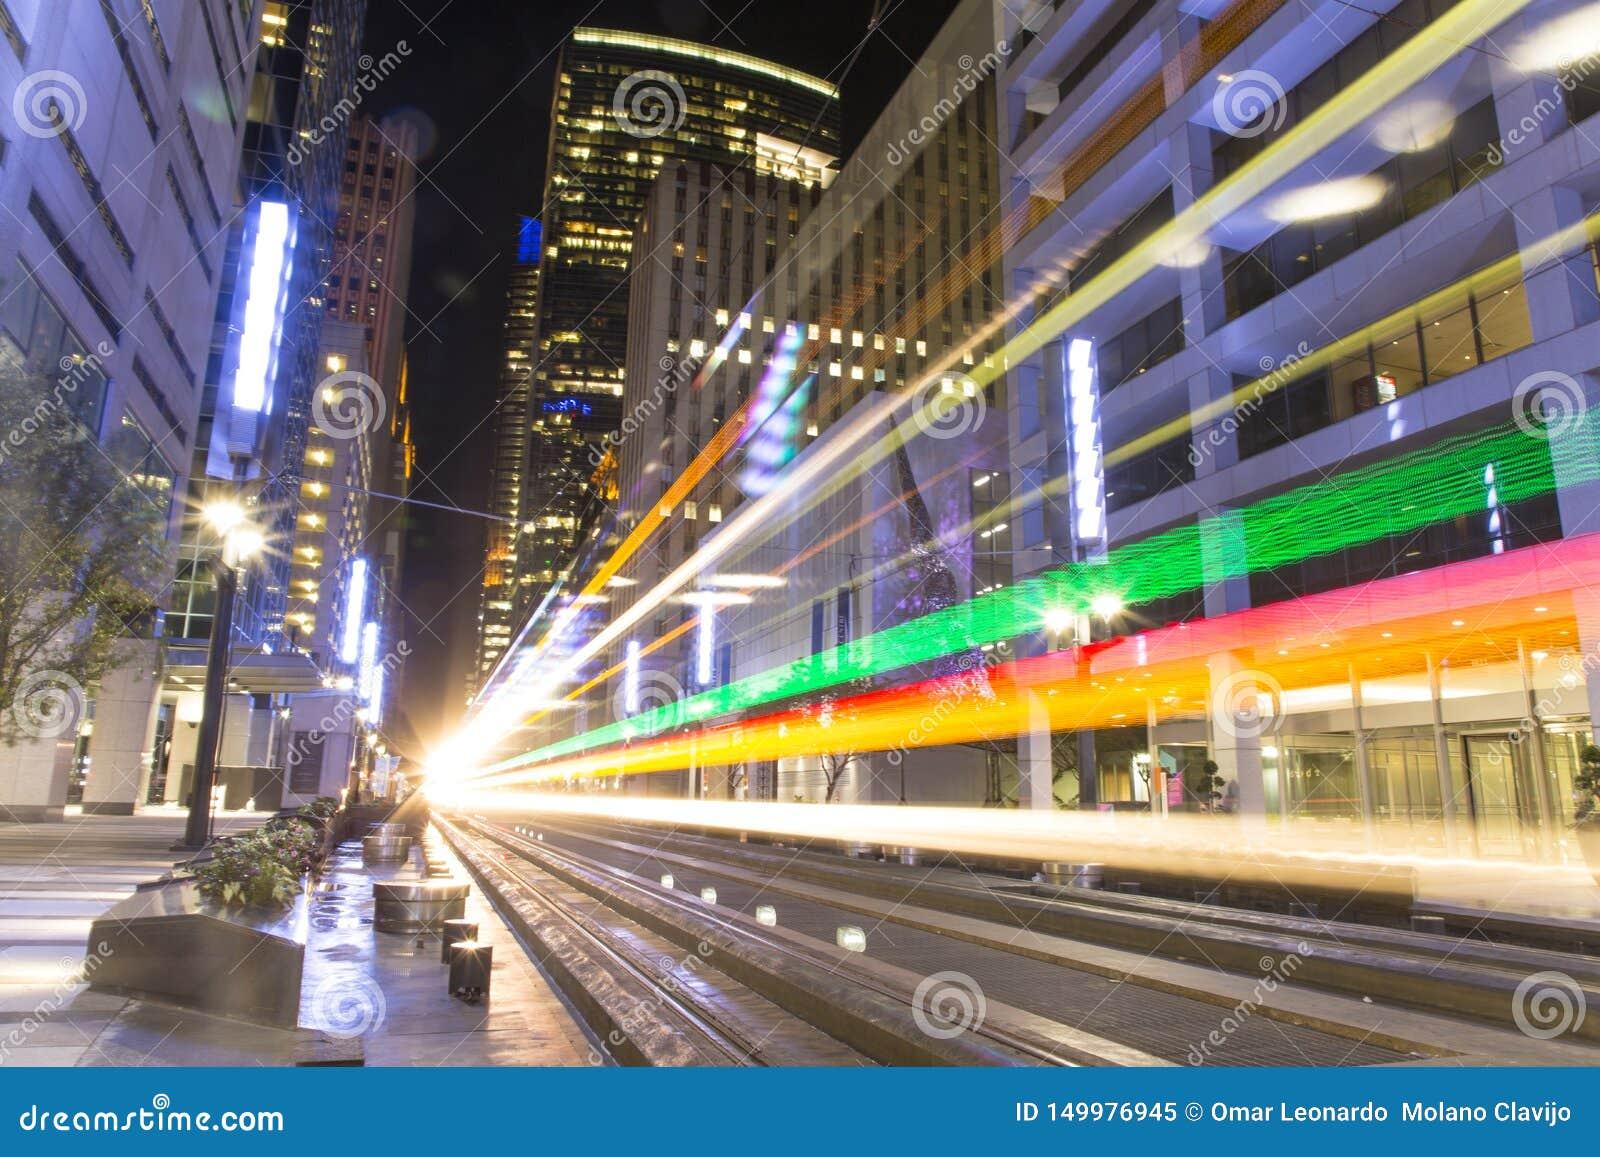 Tramwaj od tramwaju w Houston